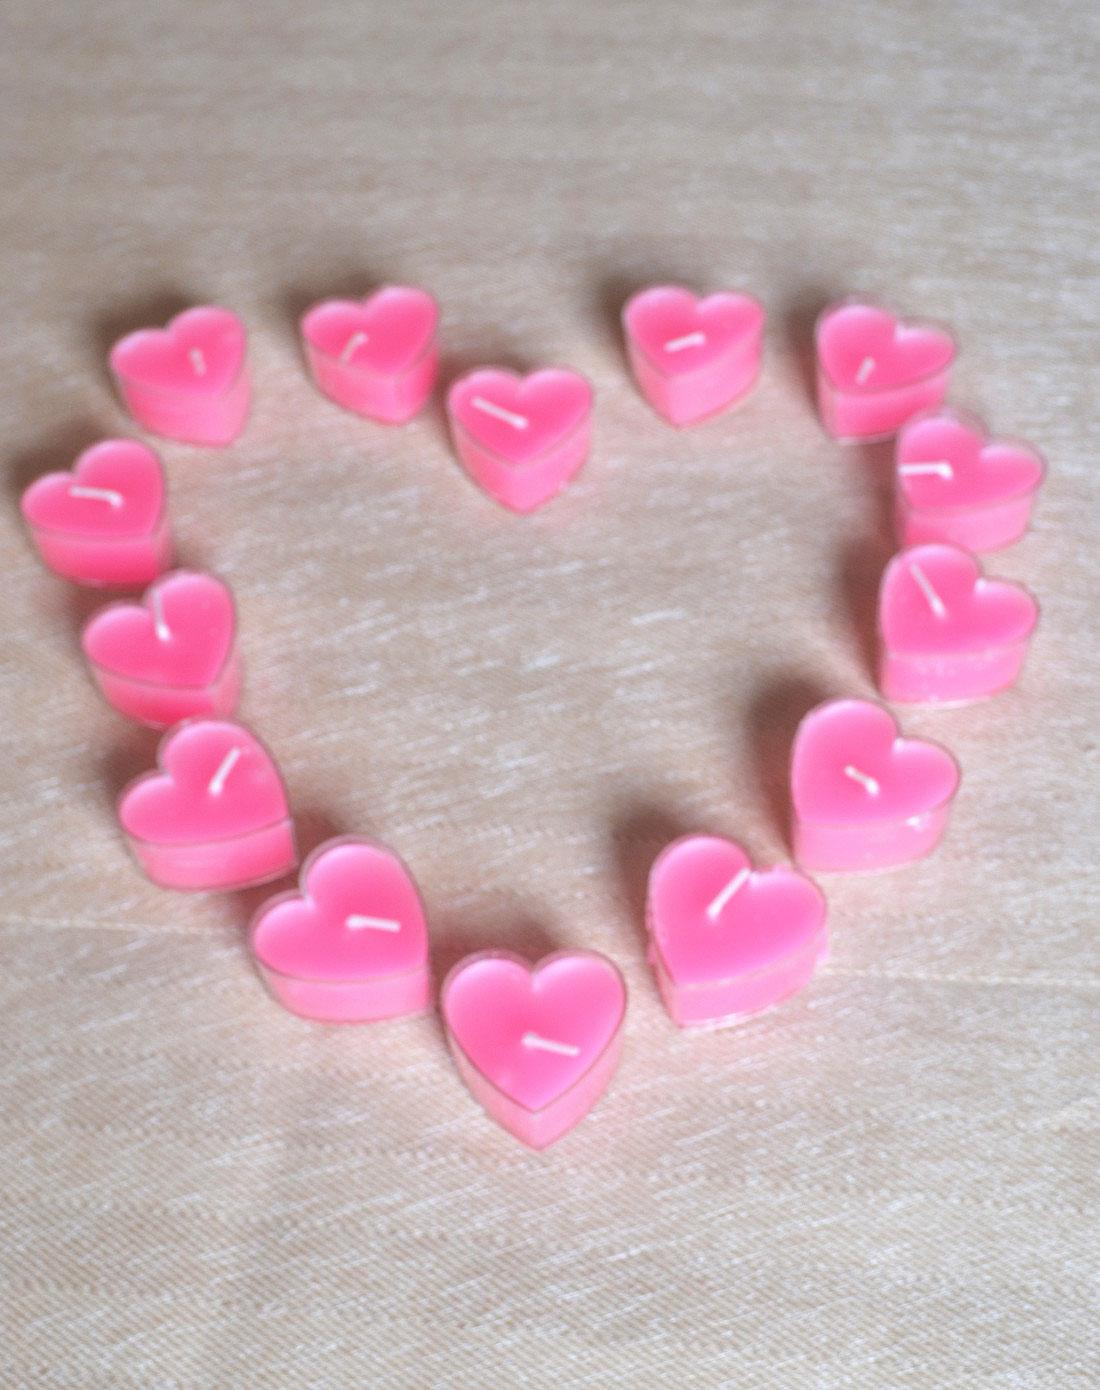 粉红色浪漫心形无烟蜡烛(9个装)